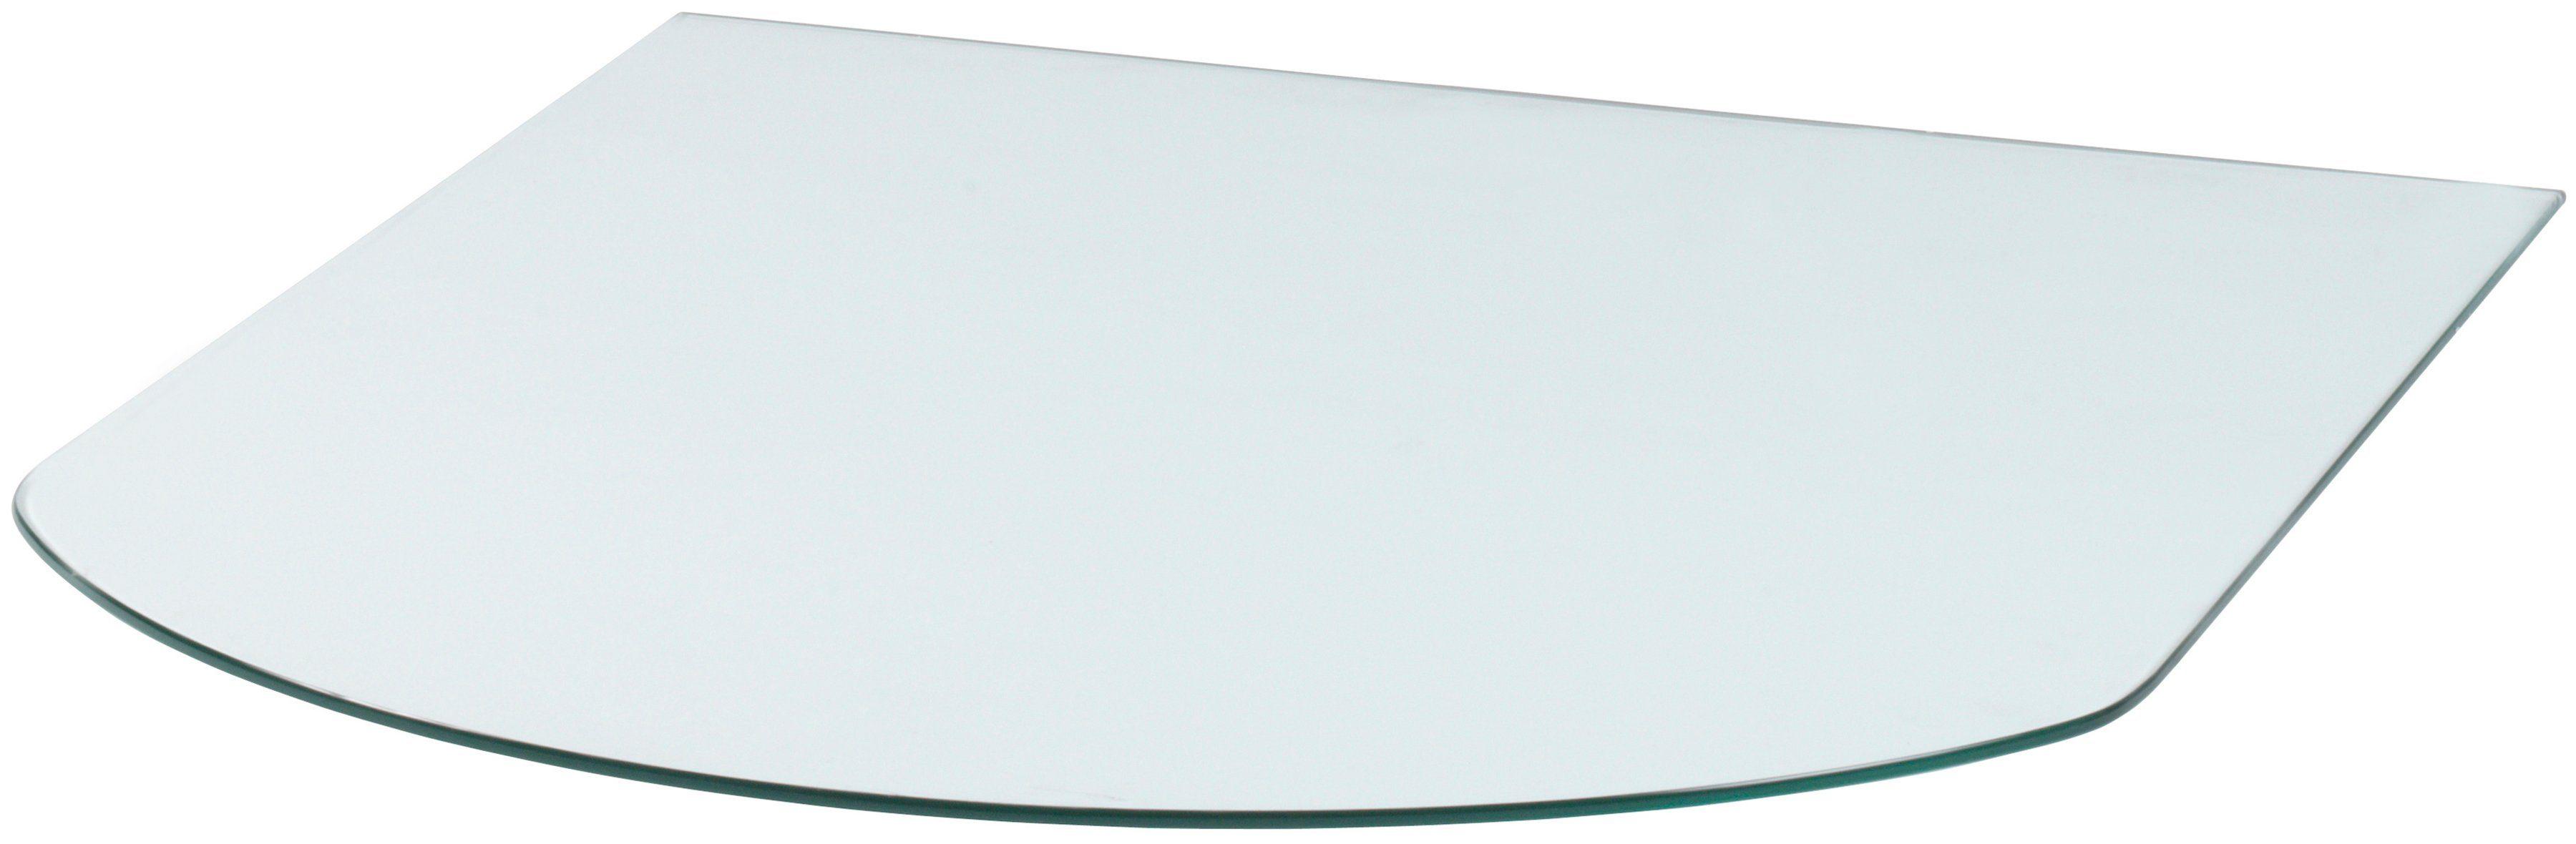 Glasbodenplatte »Halbrundbogen«, für Kaminöfen, 85 x 110 cm, transparent